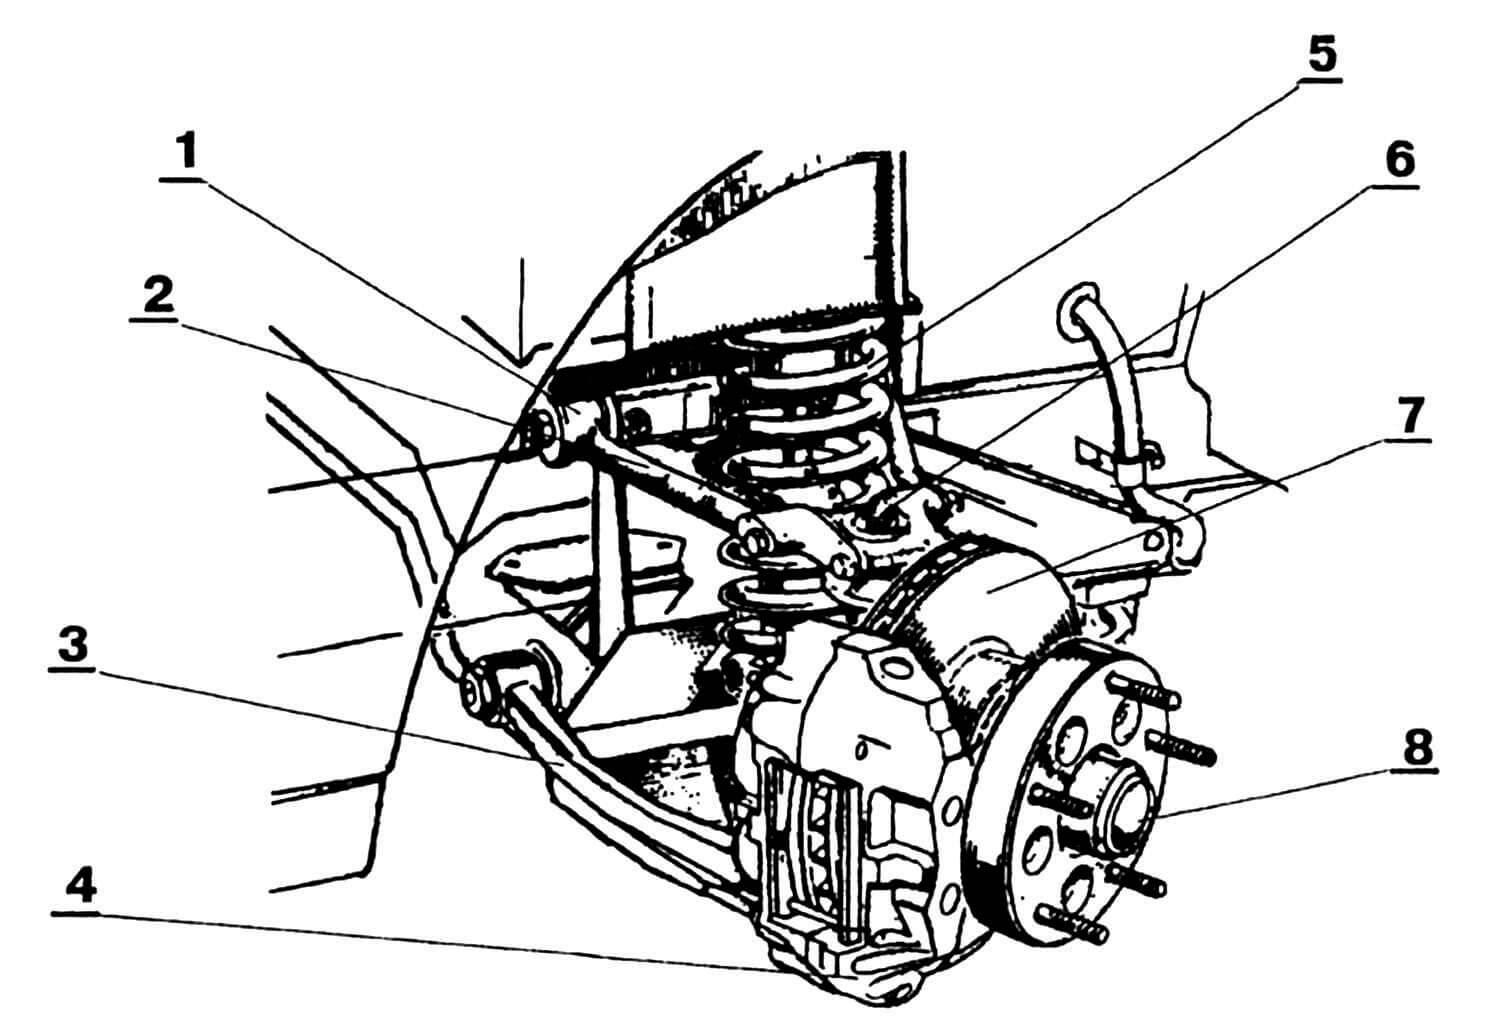 Передняя подвеска: 1 — сайлент-блок; 2 — рычаг верхний; 3 — рычаг нижний; 4 — механизм тормозной; 5 — пружина подвески; 6 — опора шаровая; 7 — диск тормозной; 8 — ступица.